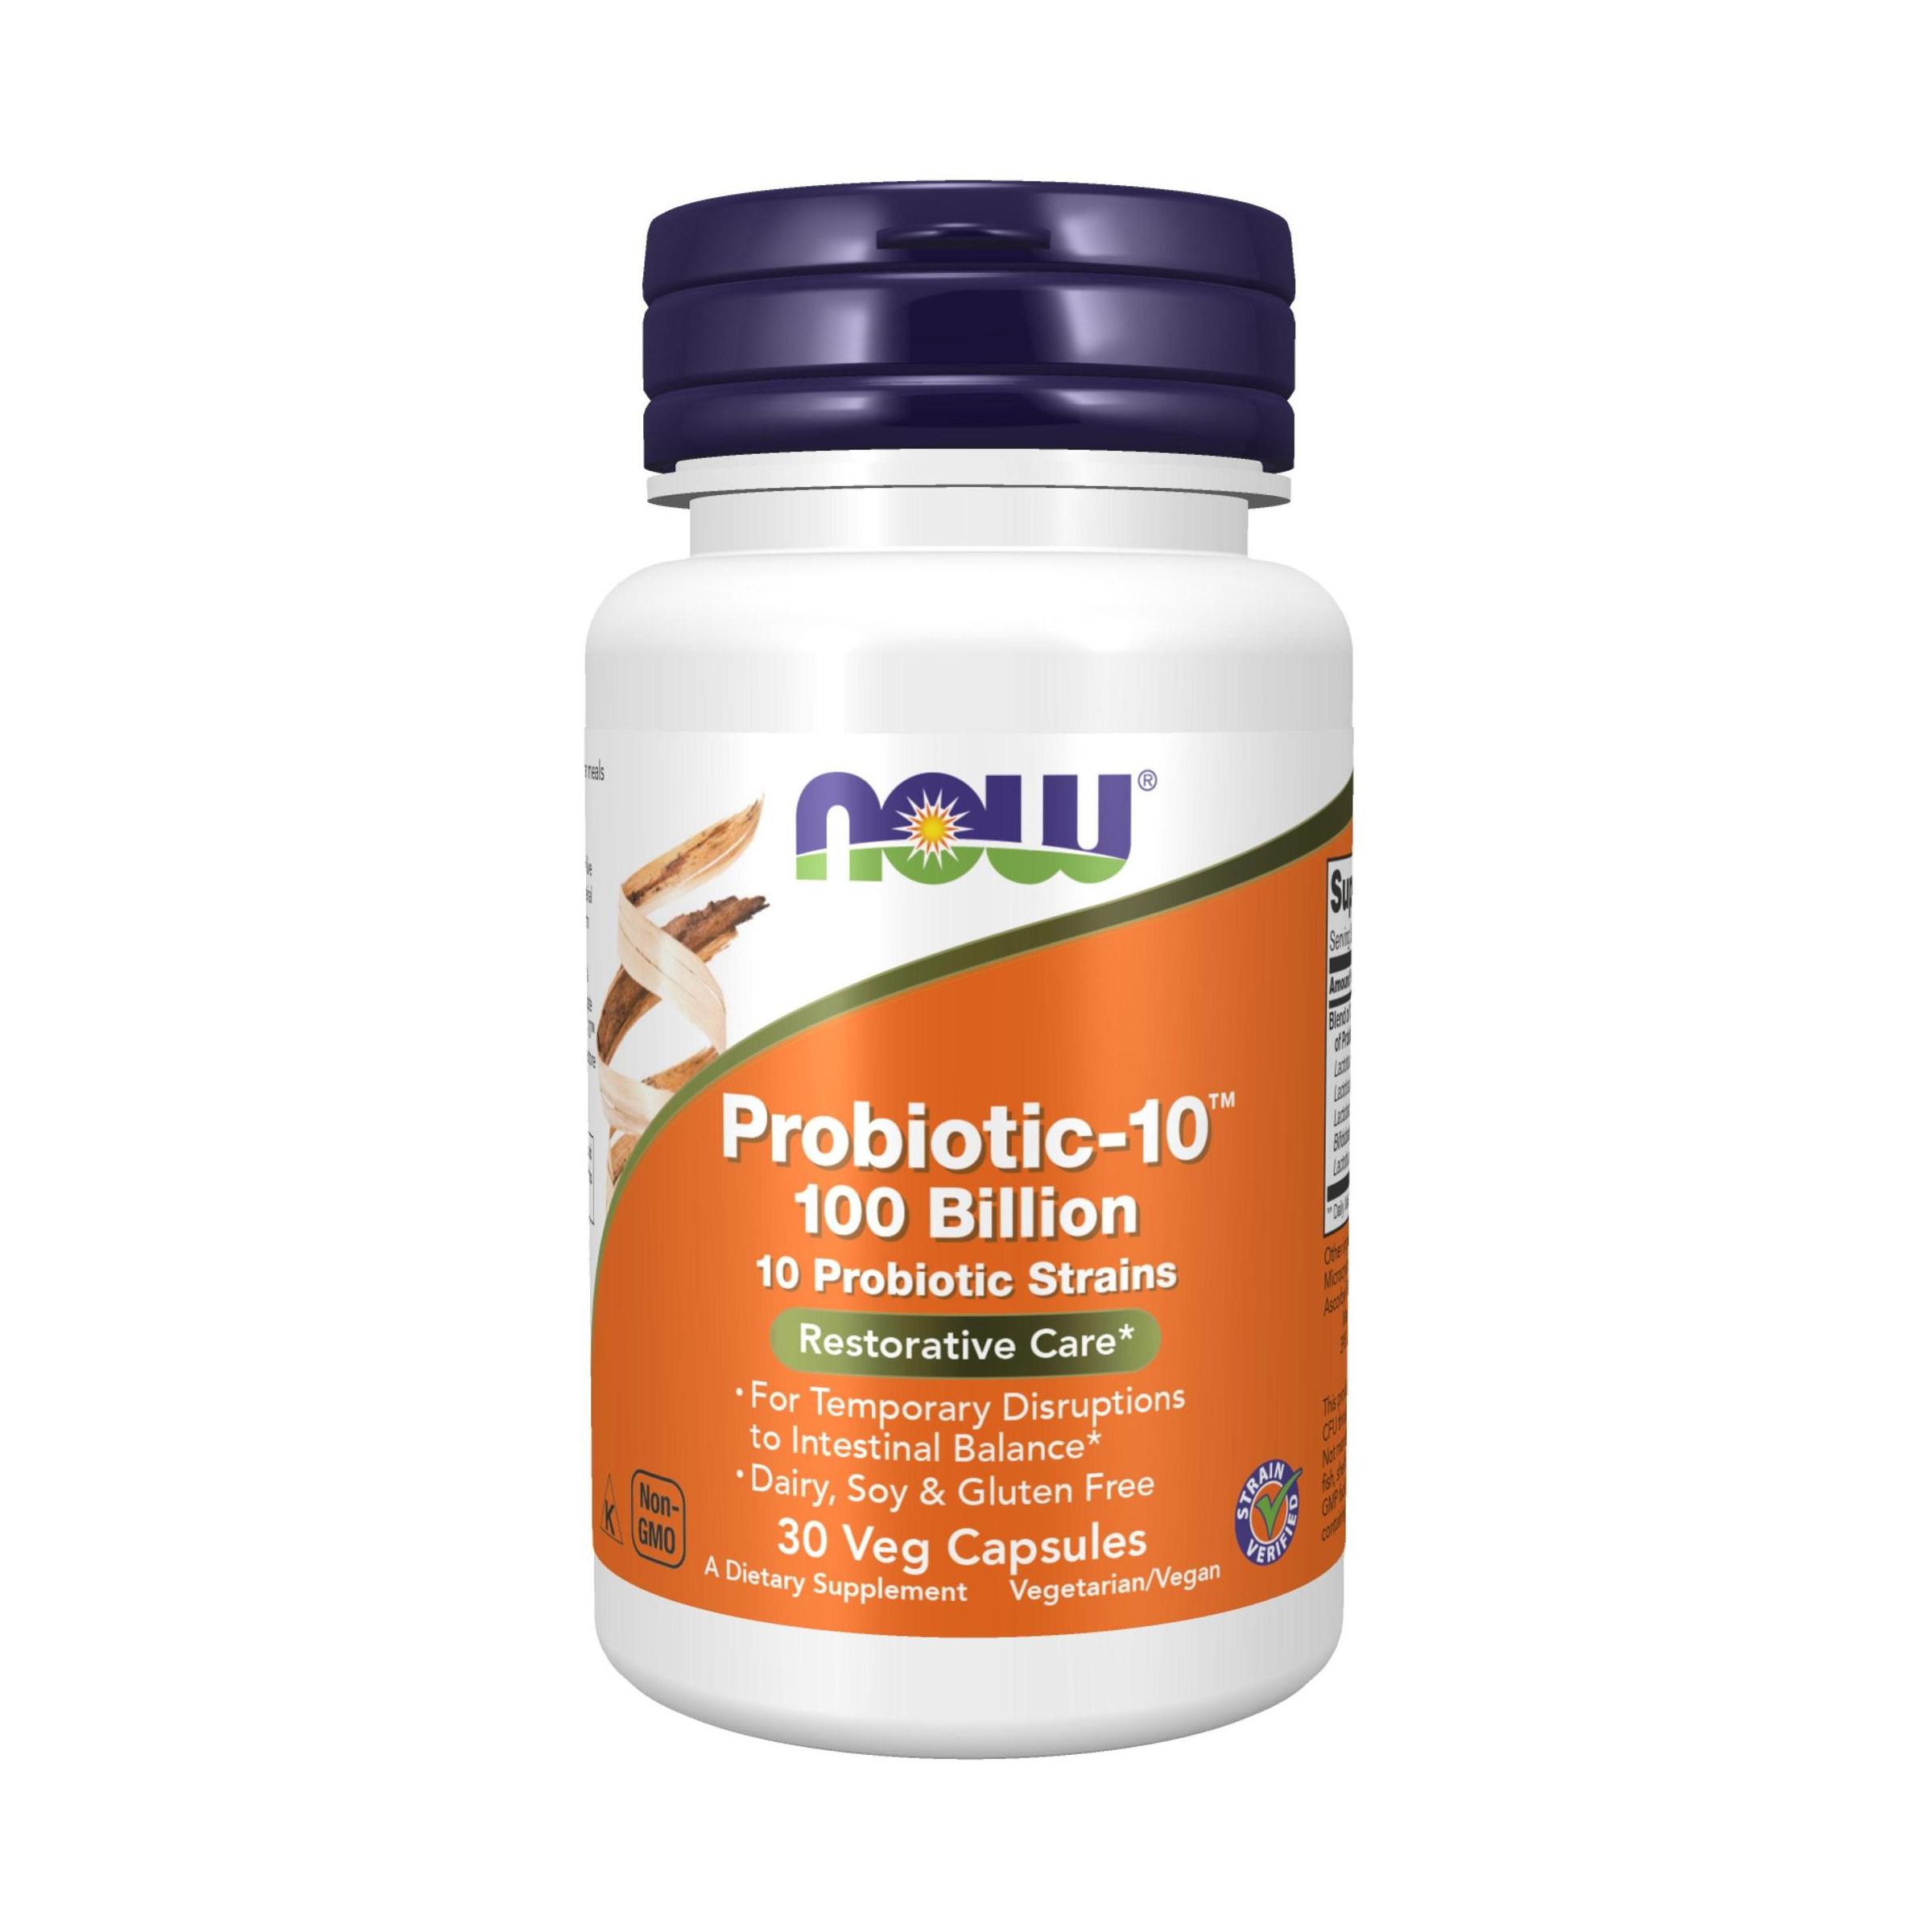 나우푸드 프로바이오틱-10 유산균 100 빌리언 베지 캡슐, 30개입, 1개